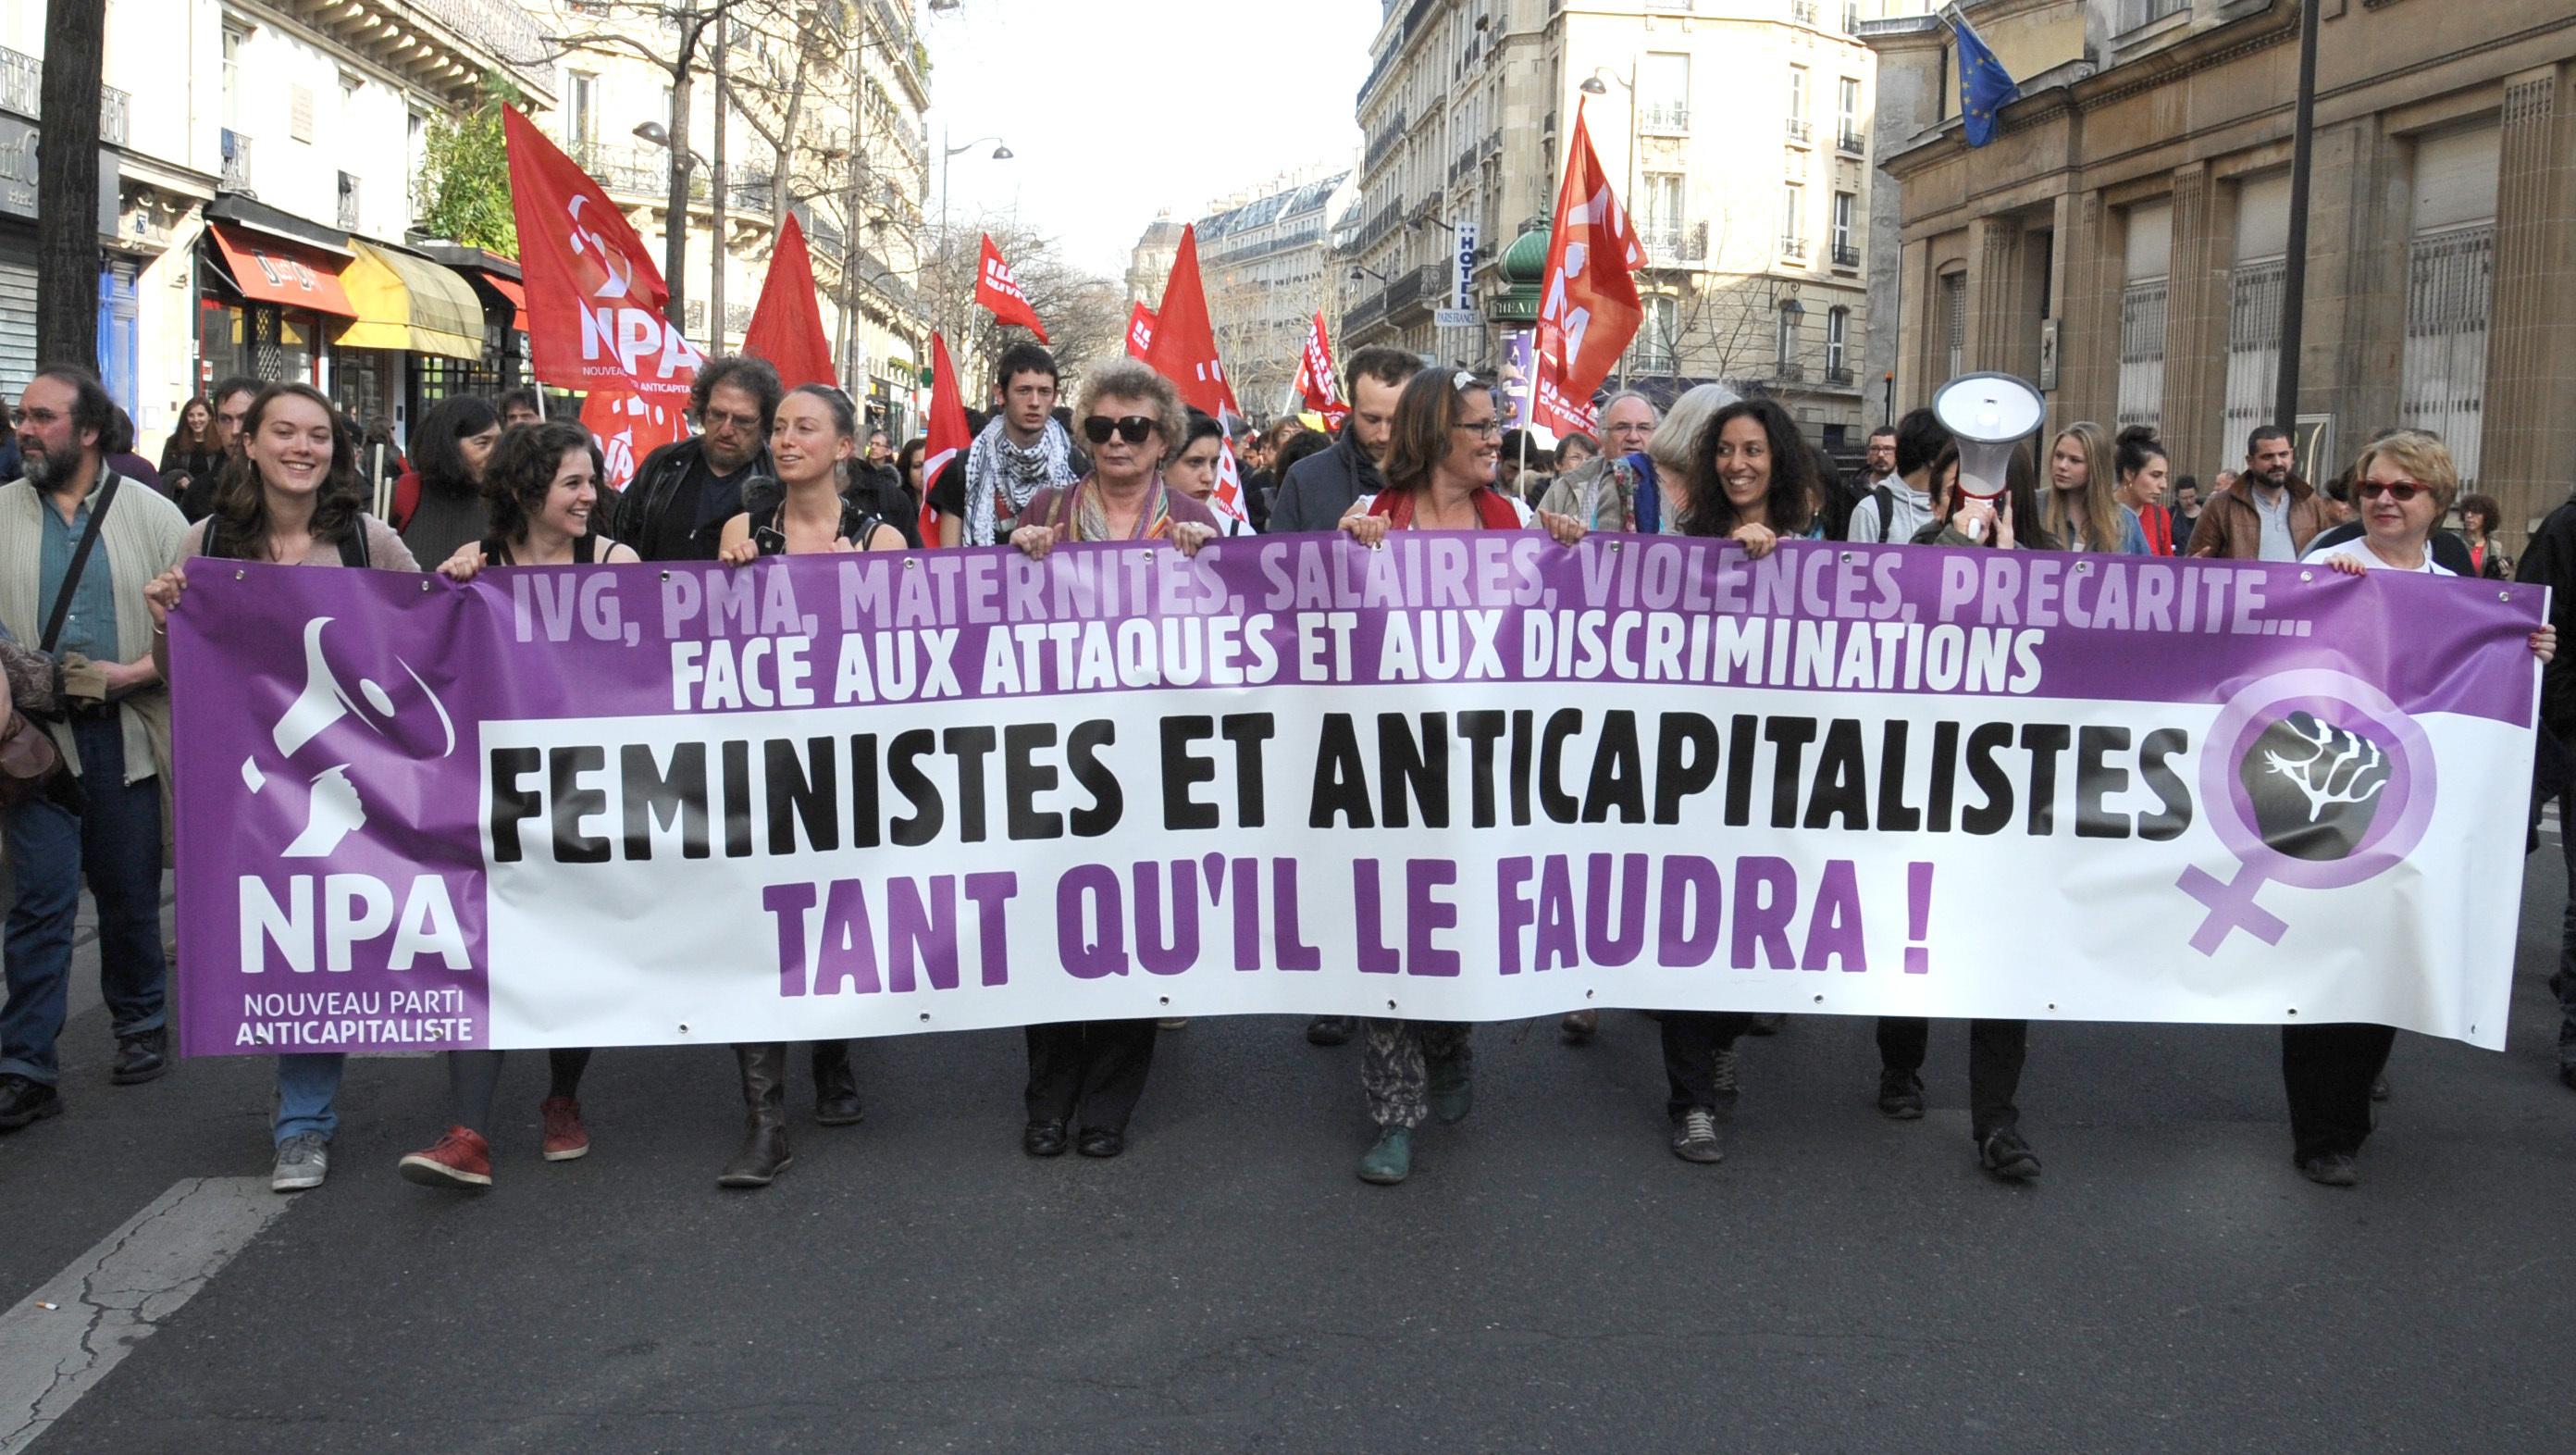 Fabulous Succès du premier week-end féministe national du NPA | NPA CZ49